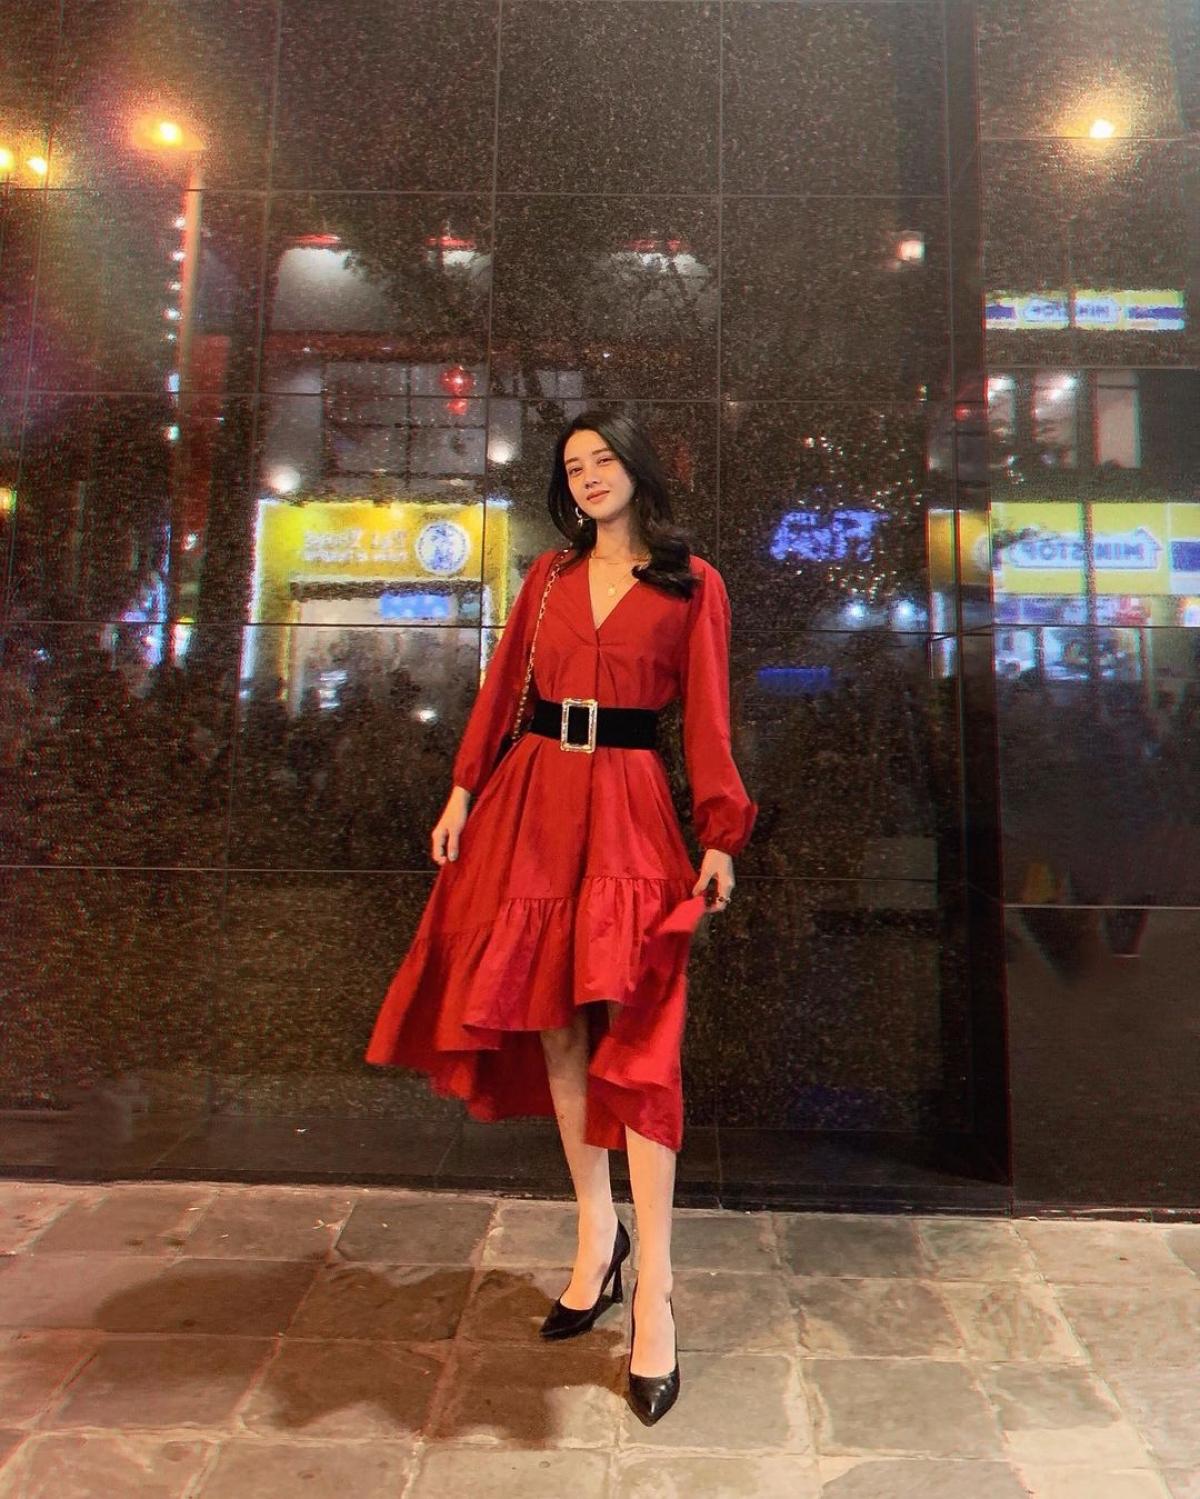 Không chỉ có gương mặt thanh thoát, Mỹ Duyên còn sở hữu sắc vóc đáng ngưỡng mộ. Cô cao 1m69 với thân hình cân đối, từng lọt Top 10 Hoa hậu Biển Việt Nam 2016.